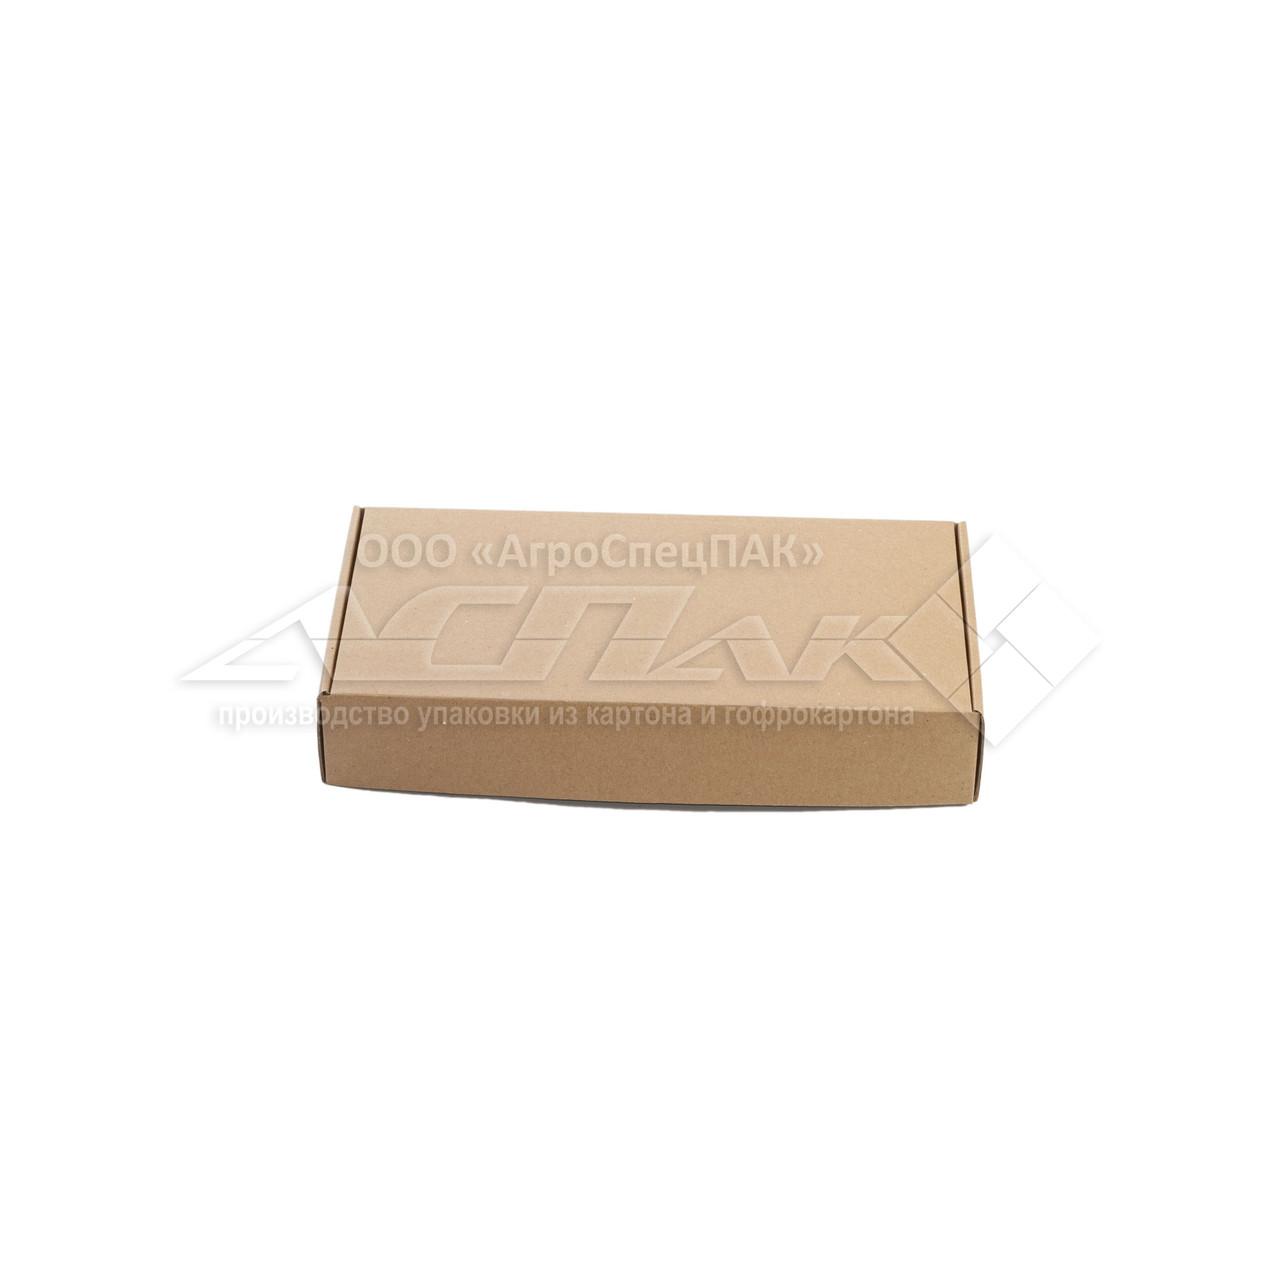 Картонные коробки 303*153*53 бурые - фото 4